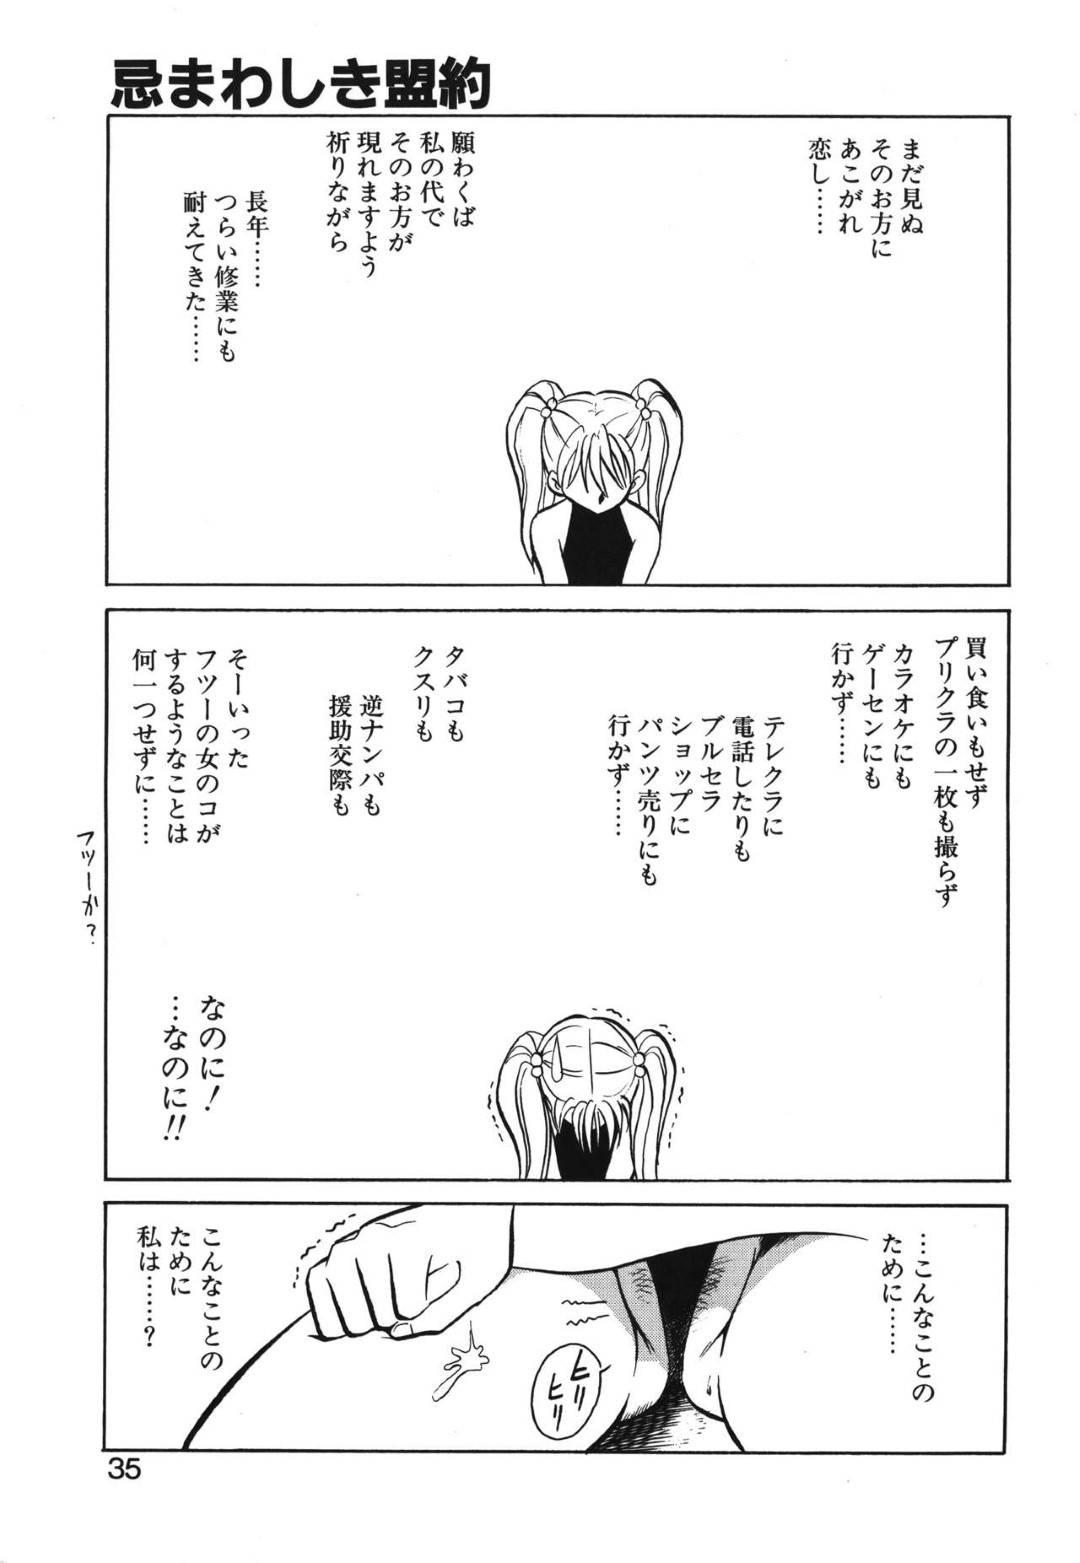 【エロ漫画】妖魔を倒すべく、主人公の元に仕えるようになった亜弓…彼にされるがままの彼女は69の体勢でフェラさせられた挙げ句、騎乗位で連続セックスさせられる!【毛野楊太郎:アウェイクン 第2章 忌まわしき盟約】